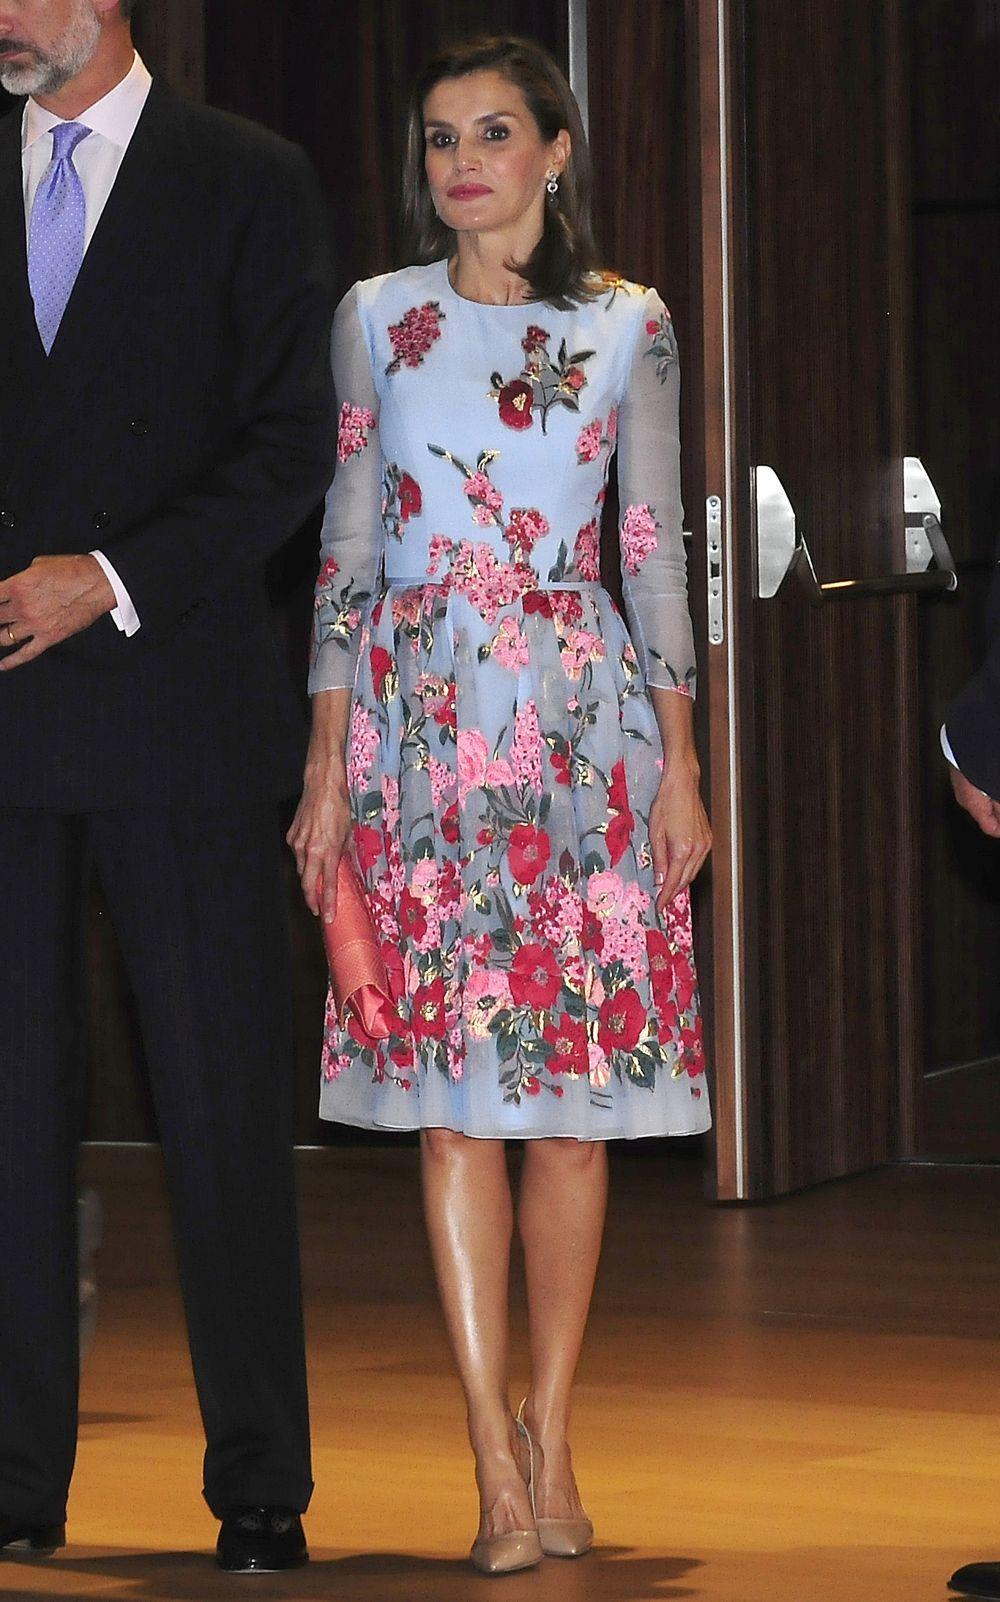 Las flores también en invierno, según la Reina Letizia